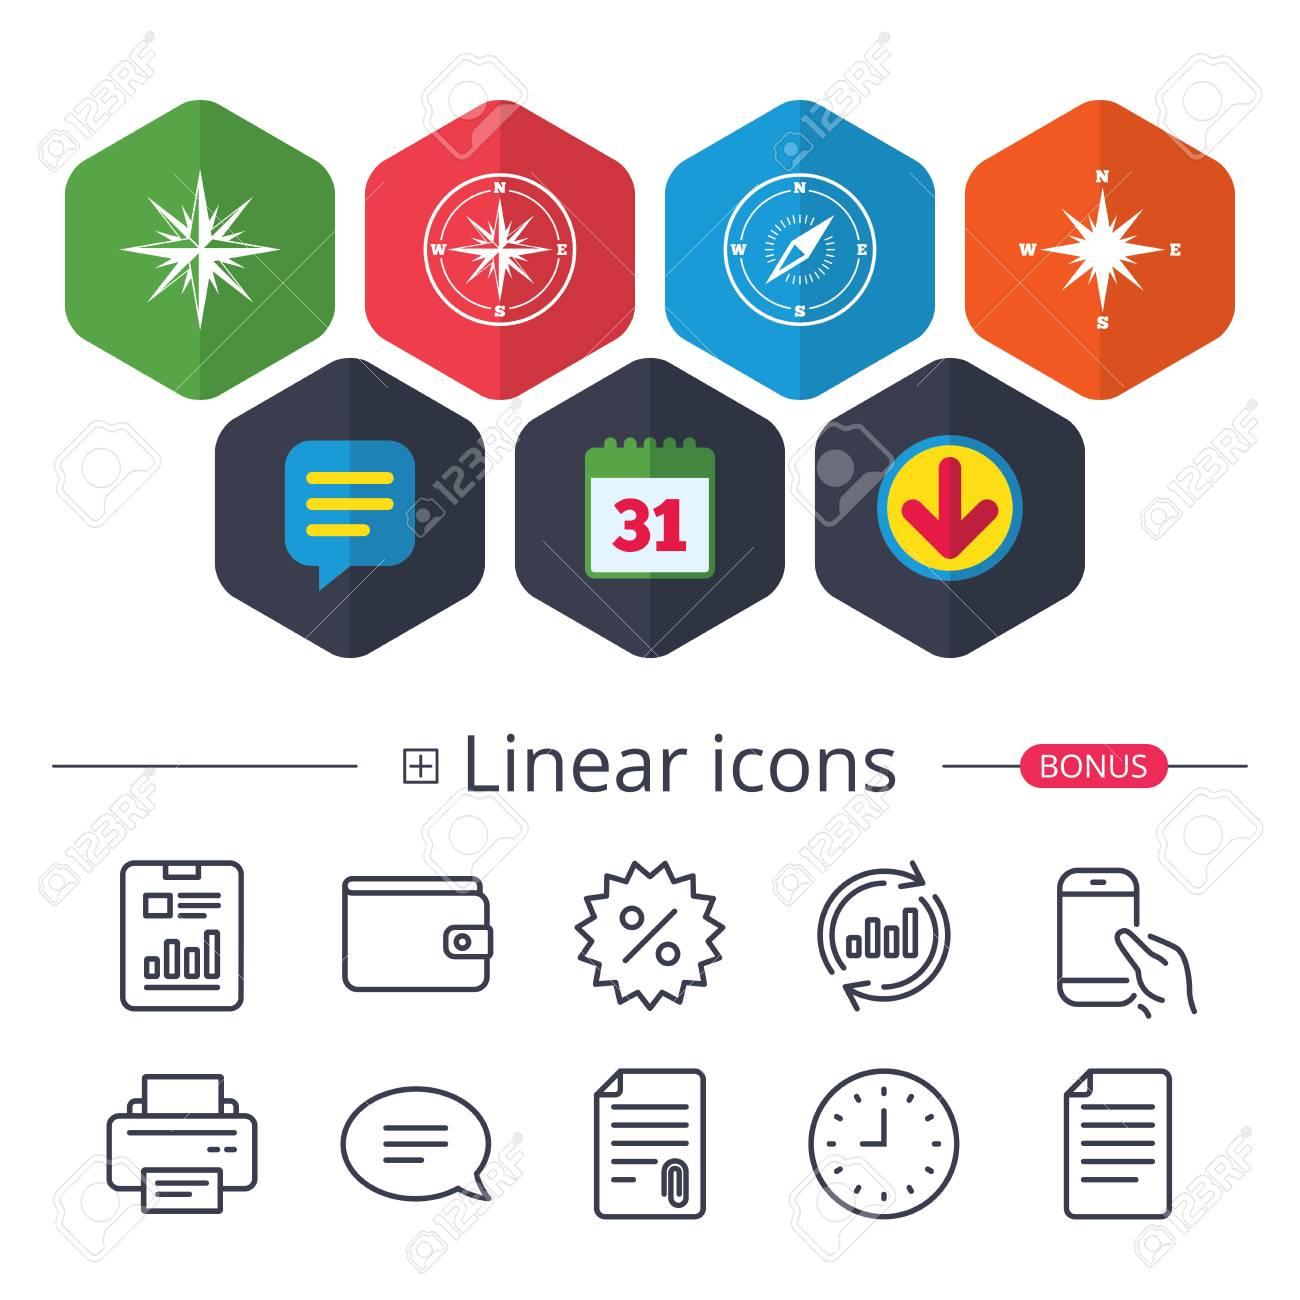 Calendario Segni.Calendario Fumetto E Segni Di Download Windrose Icone Di Navigazione Simboli Bussola Segno Di Sistema Di Coordinate Chat Riporta Le Icone Delle